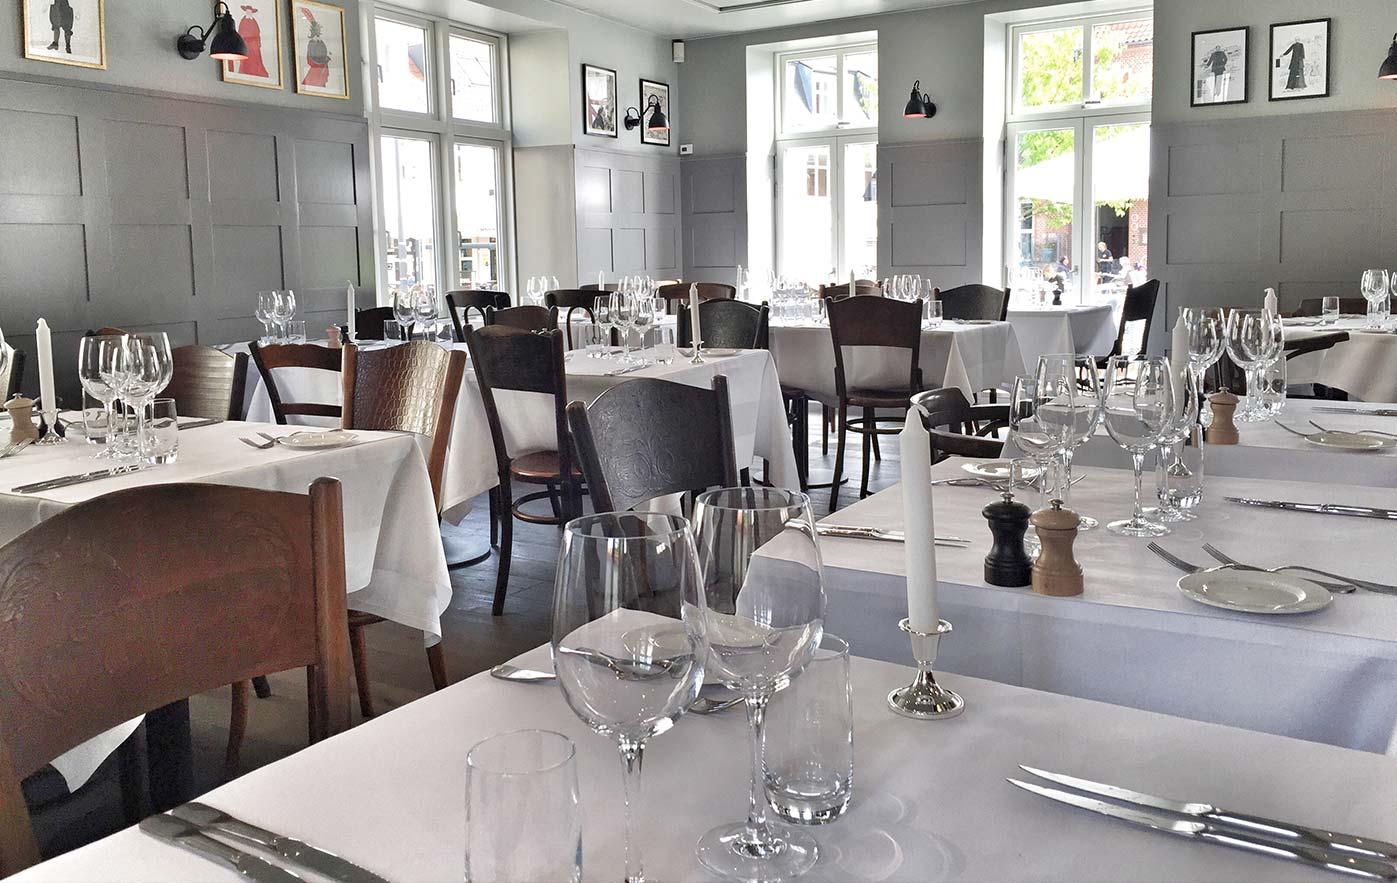 Restaurant Brdr. Price i Aalborg lokaler